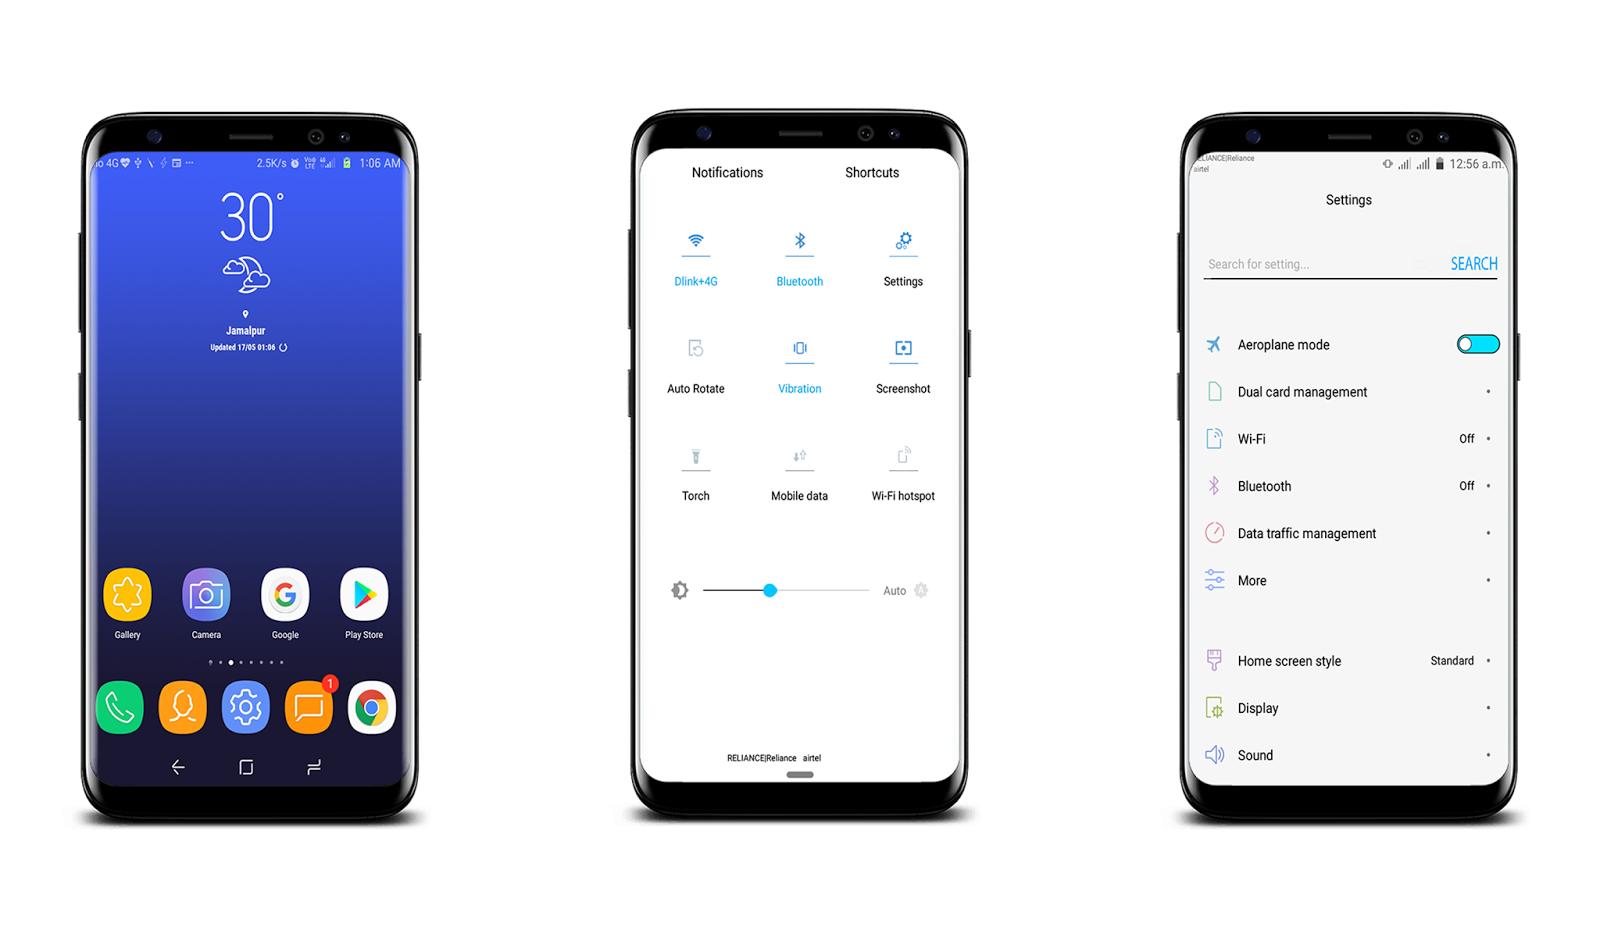 Samsung S8 Experience | EMUI 4/4 1 - Emui Themes